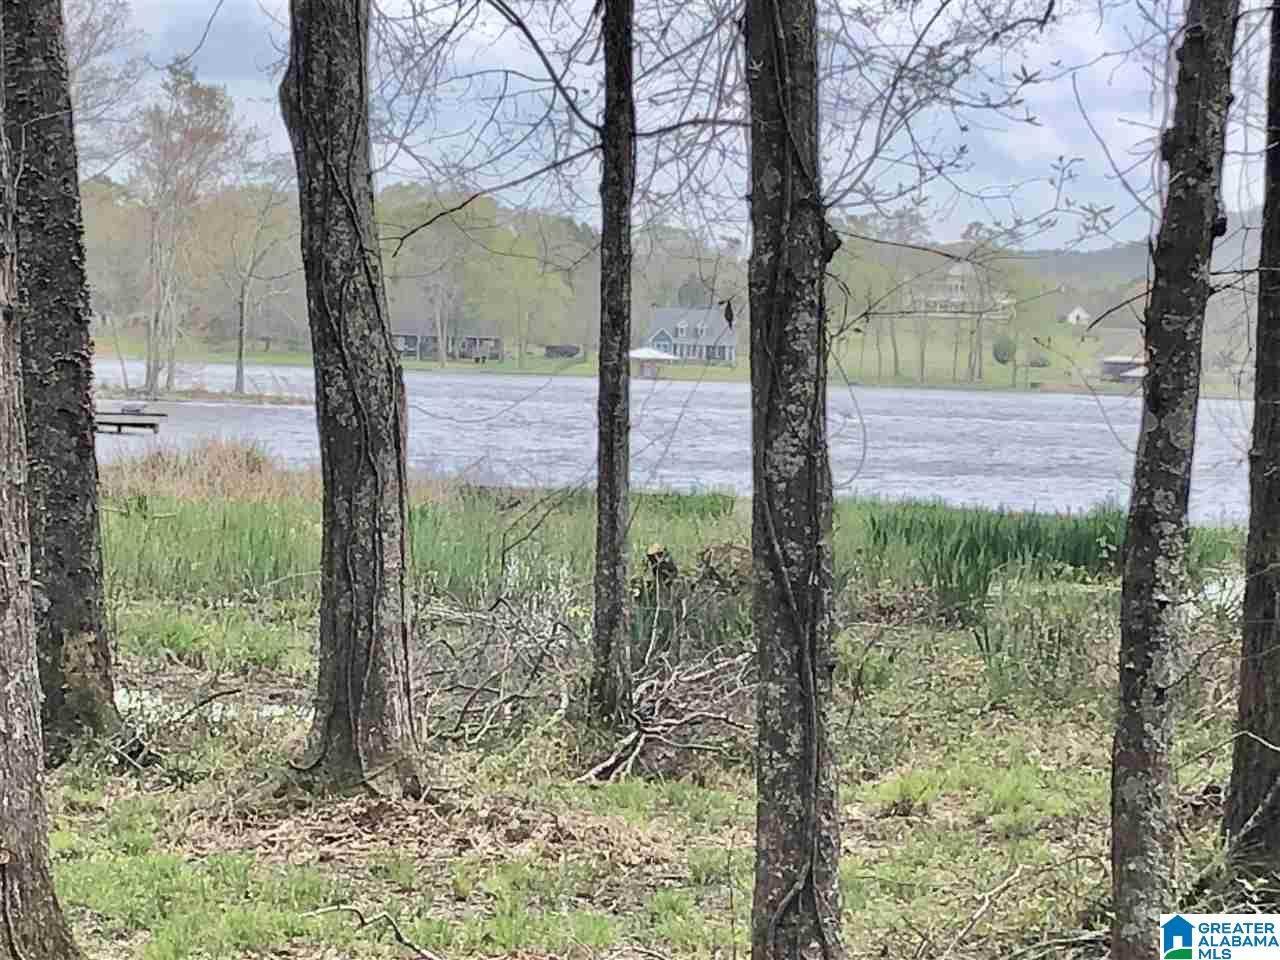 805 General Jackson Memorial Drive - Photo 1